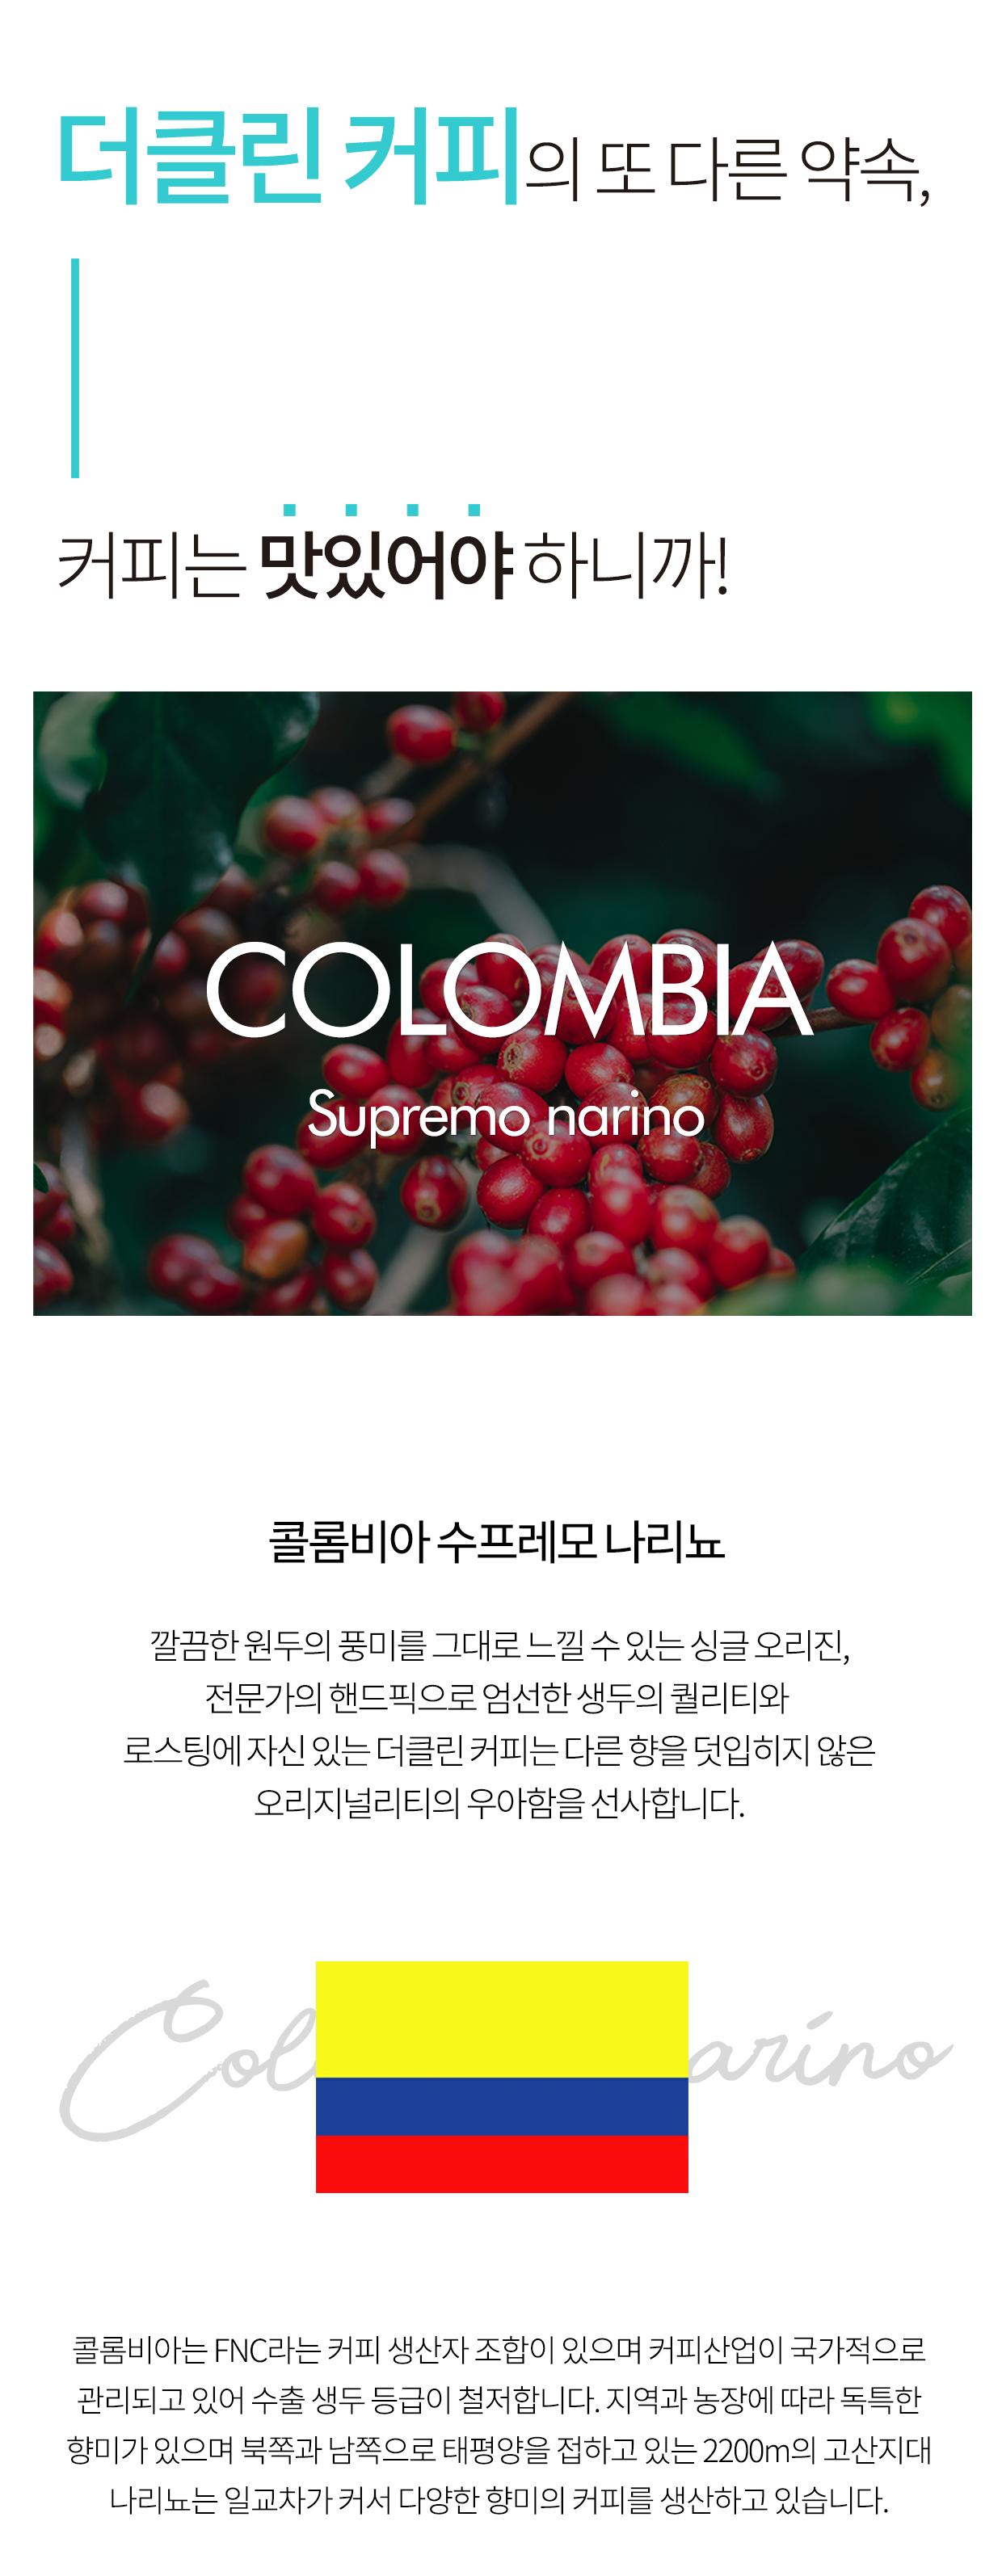 더클린커피의 또 다른 약속, 커피는 맛있어야 하니까! '콜롬비아 수프레모 나리뇨' 깔끔한 원두의 풍미를 그대로 느낄 수 있는 싱글 오리진, 전문가의 핸드픽으로 엄선한 생두의 퀄리티와 로스팅에 자신 있는 더클린커피는 다른향을 덧입히지 않은 오리지널리티의 우아함을 선사합니다. 콜롬비아는 FNC라는 커피 생산자 조합이 있으며 커피산업이 국가적으로 관리되고 있어 수출 생두 등급이 철저합니다. 지역과 농장에 따라 독특합 향미가 있으며 북쪽과 남쪽으로 태평양을 접하고 있는 2200M의 고산지대 나리뇨는 일교차가 커서 다양한 향미의 커피를 생산하고 있습니다.